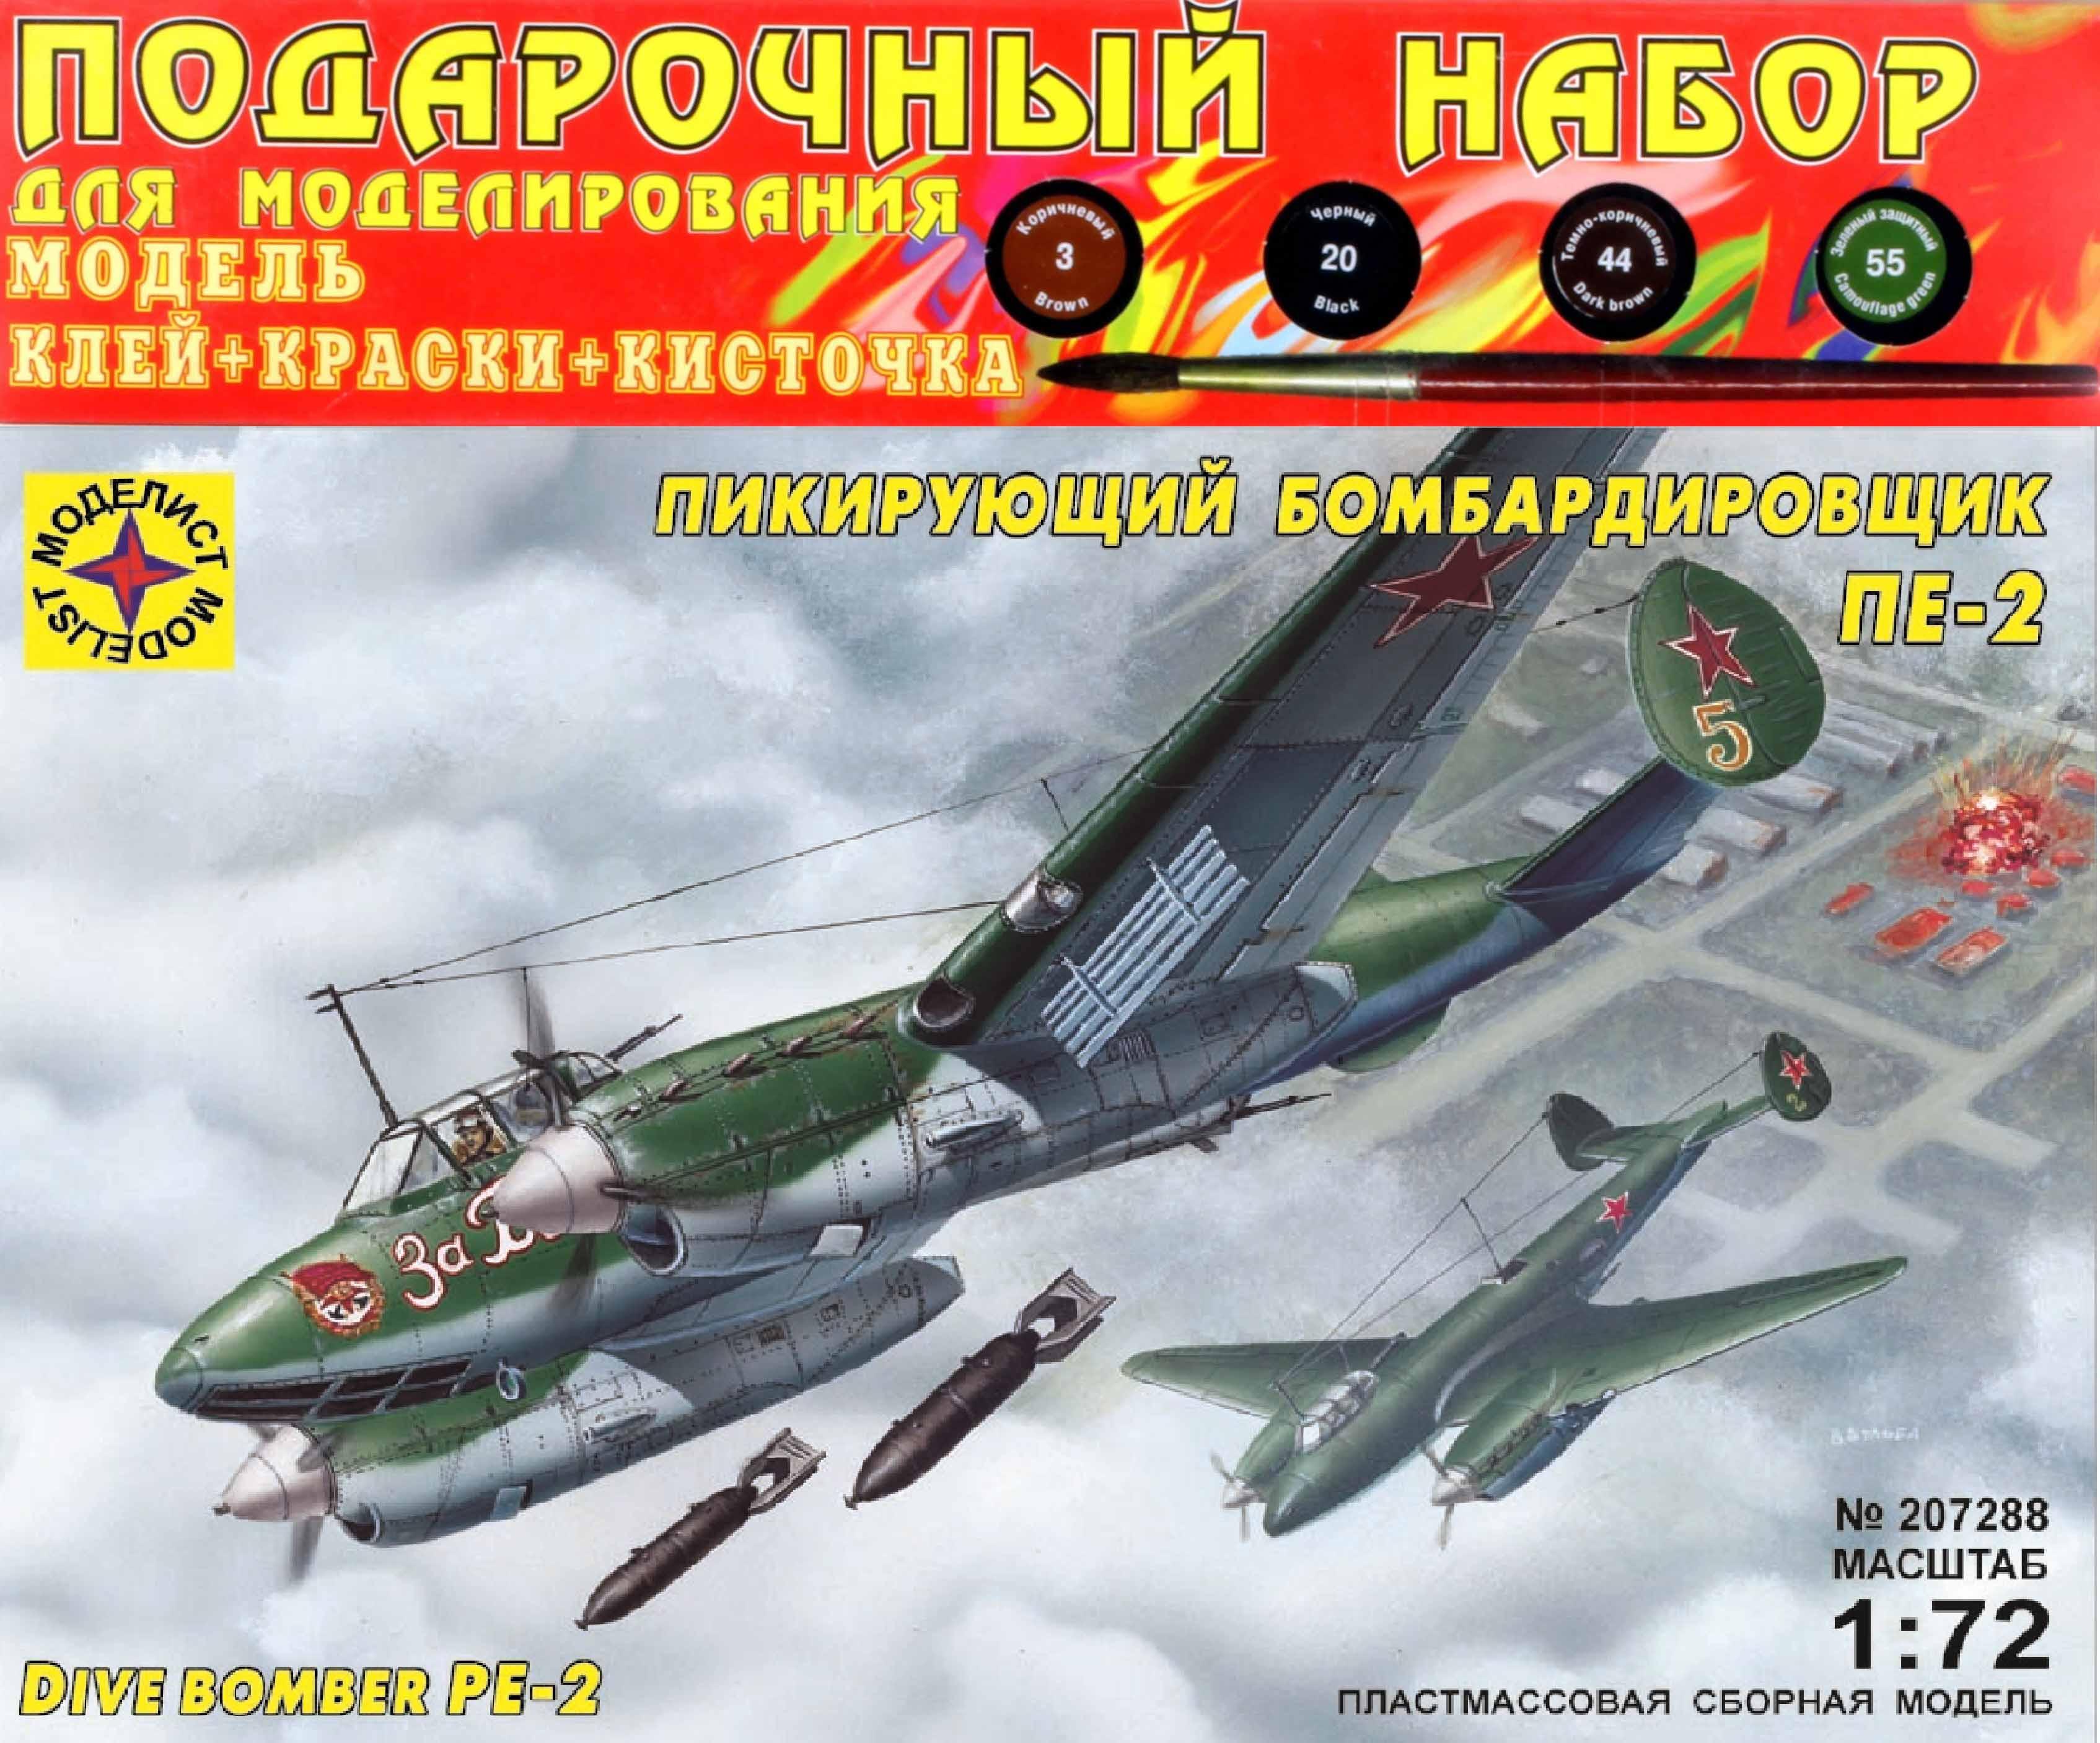 Сборная модель Пикирующий бомбардировщик Пе-2 (1:72)